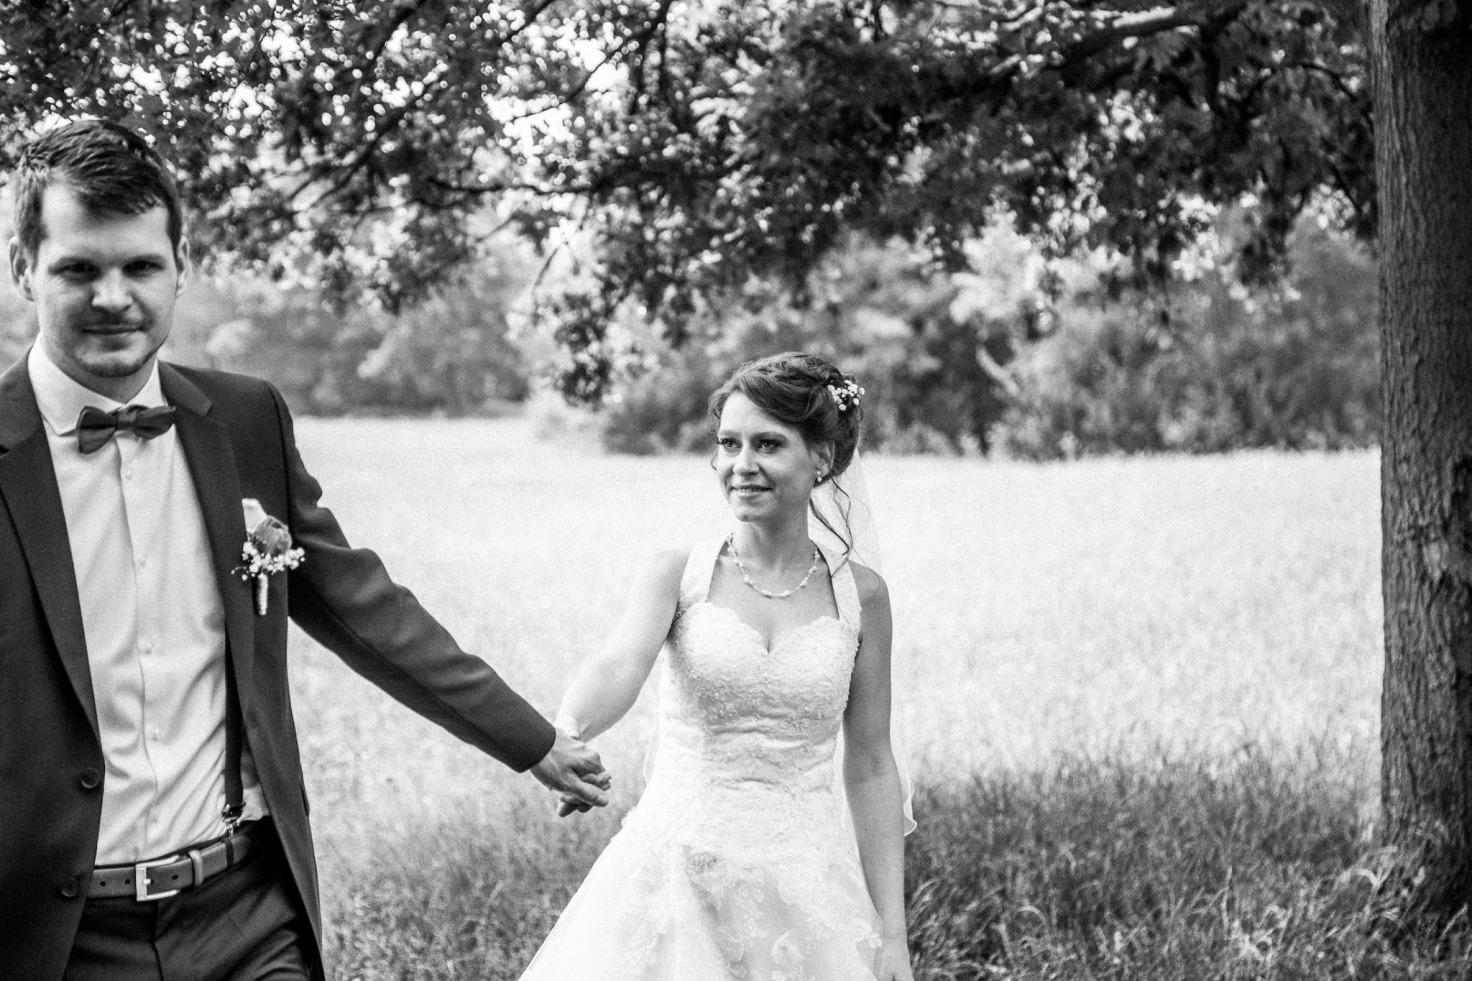 Hochzeitsfotograf Münster - Brautpaar auf der Wiese